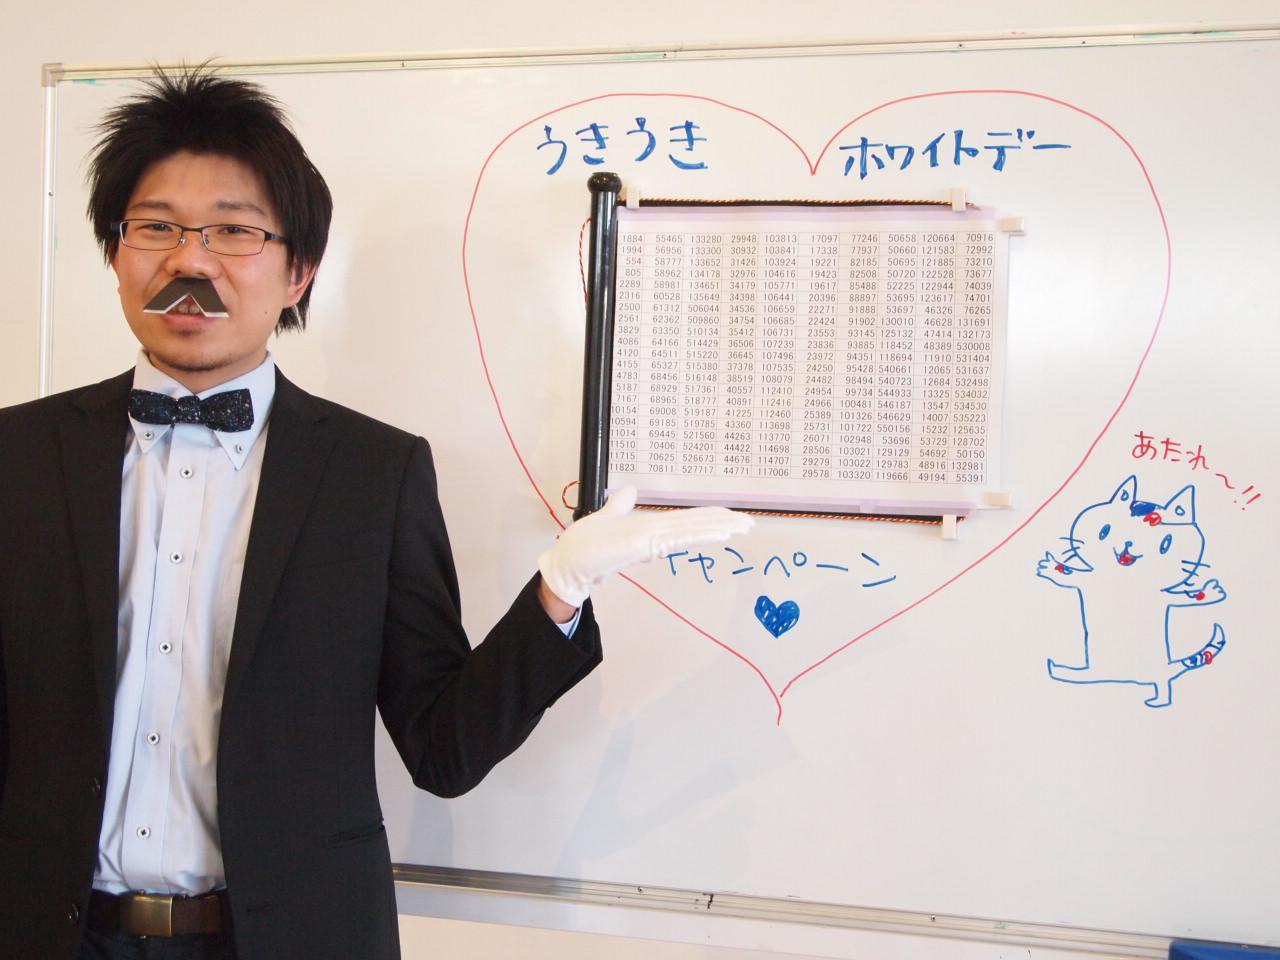 「ホワイトデーうきうきキャンペーン」大抽選会!!